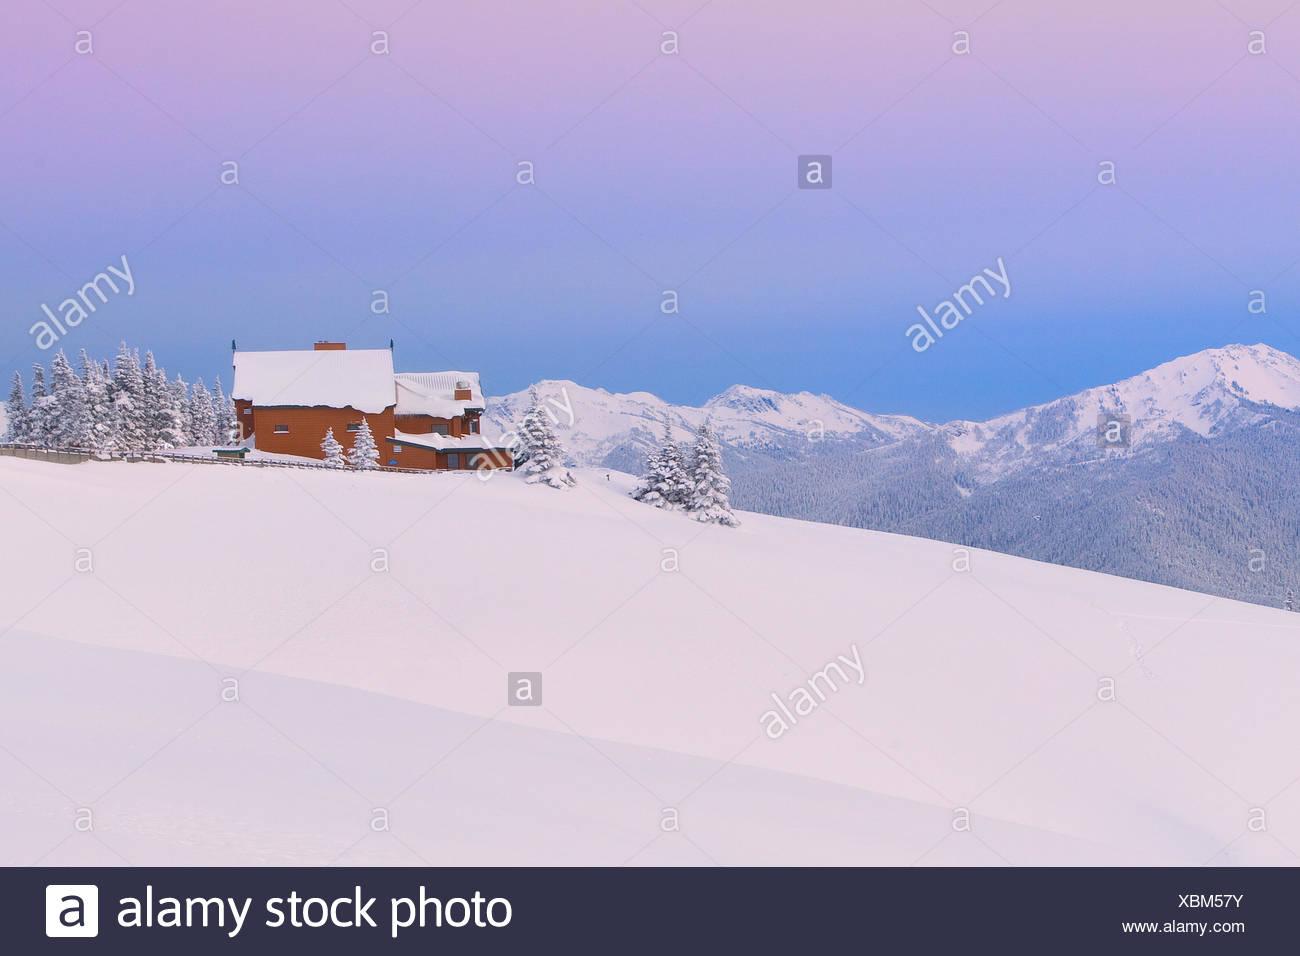 USA, United States, America, Pacific Northwest, Washington, Washington State, barn, snow, winter, landscape, house, Port Angeles - Stock Image